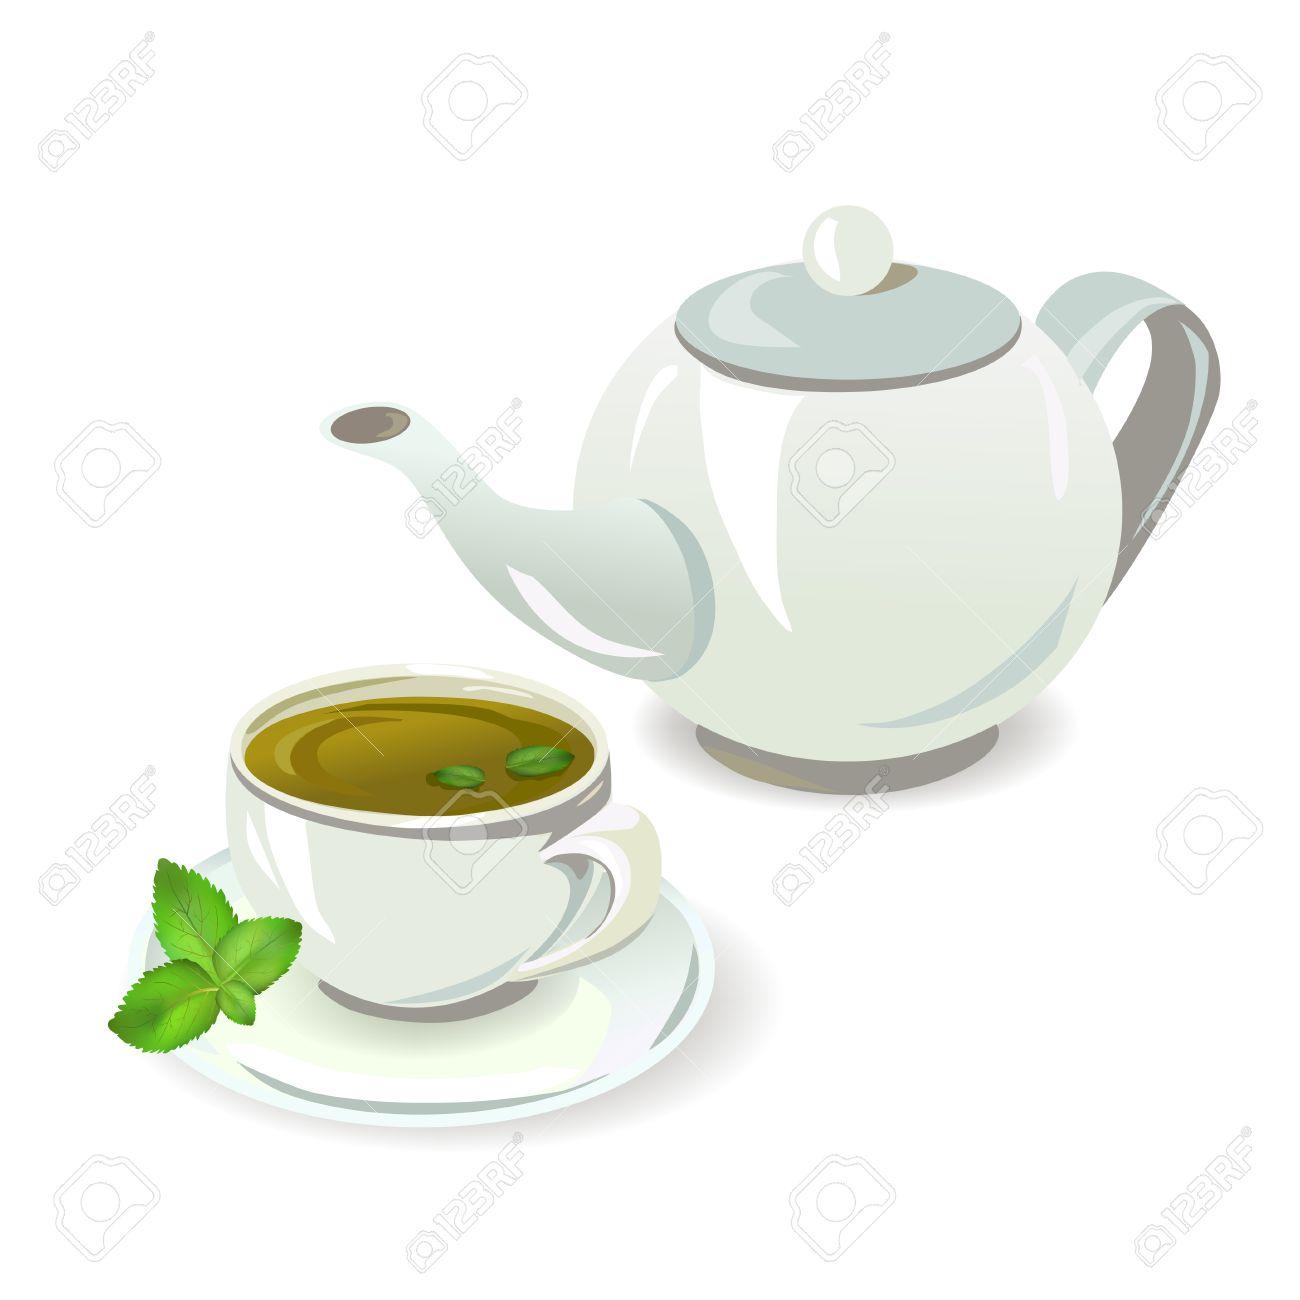 Teekanne und Tasse mit Tee Standard-Bild - 27784379